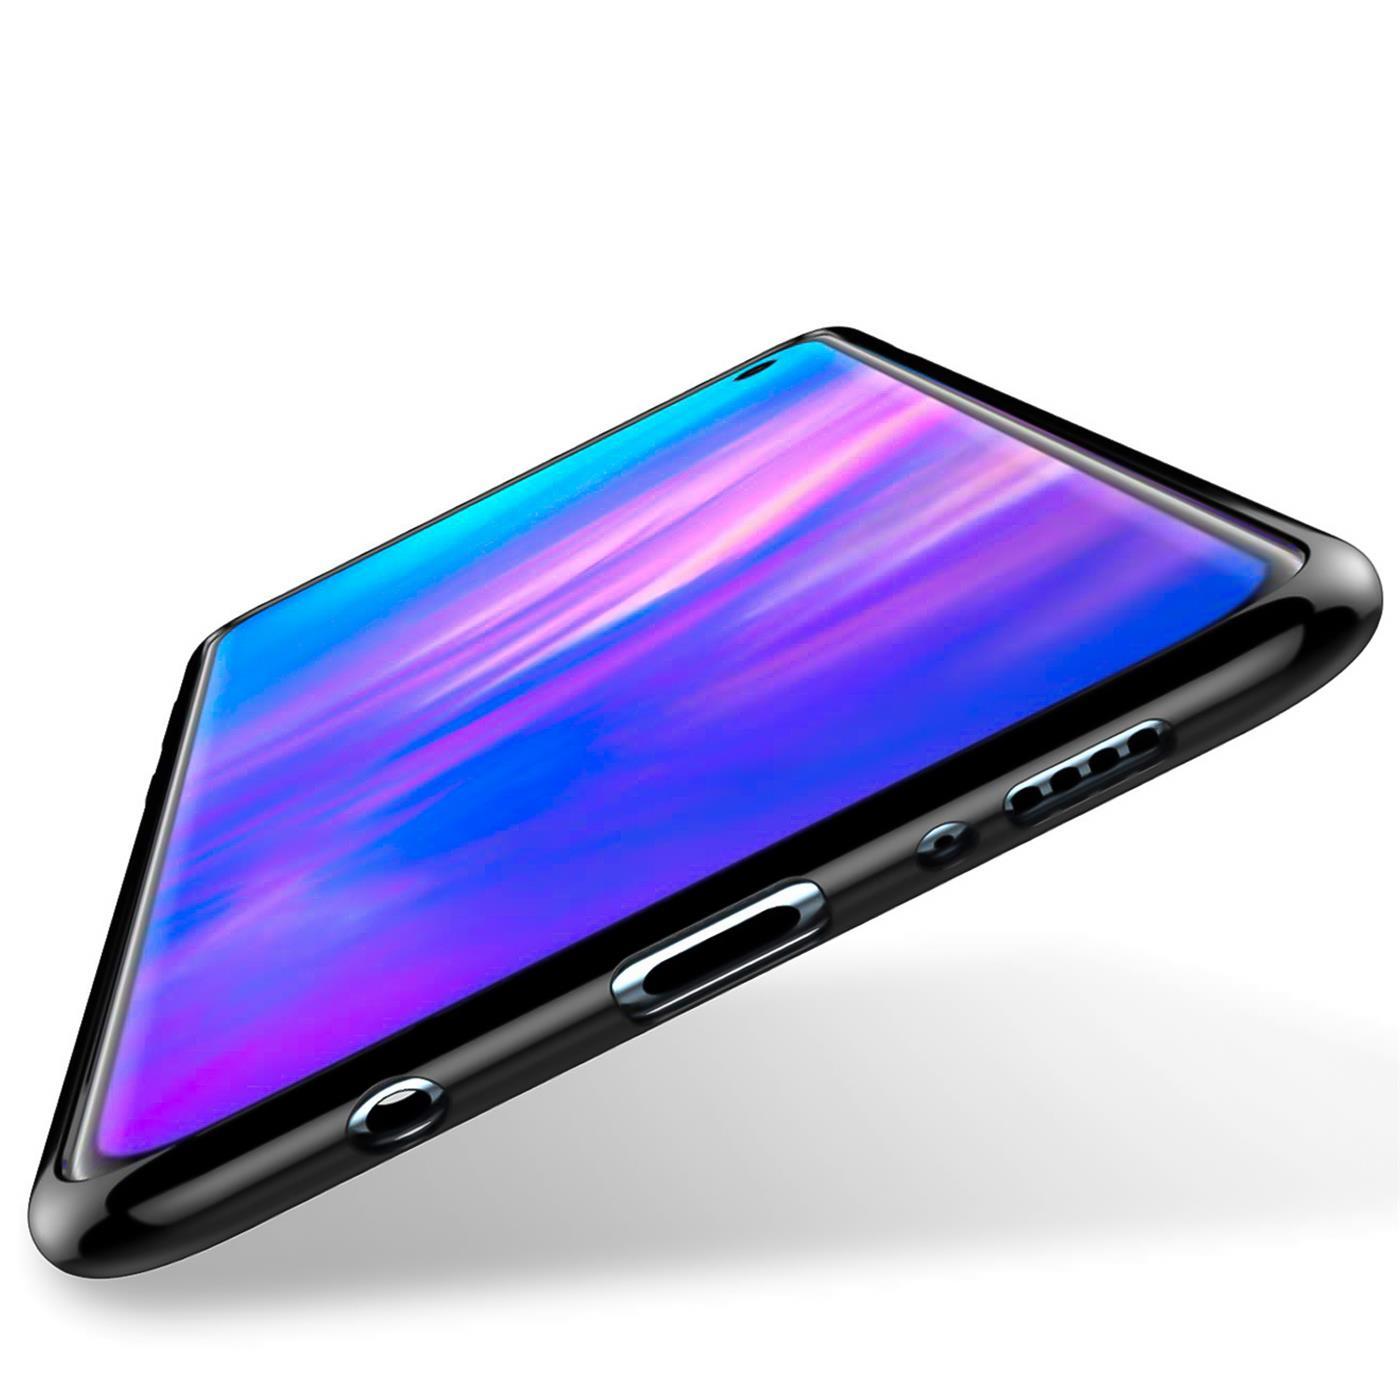 Samsung-Galaxy-S10-Huelle-Schutzhuelle-Handy-Tasche-Slim-Cover-Case-Transparent Indexbild 10